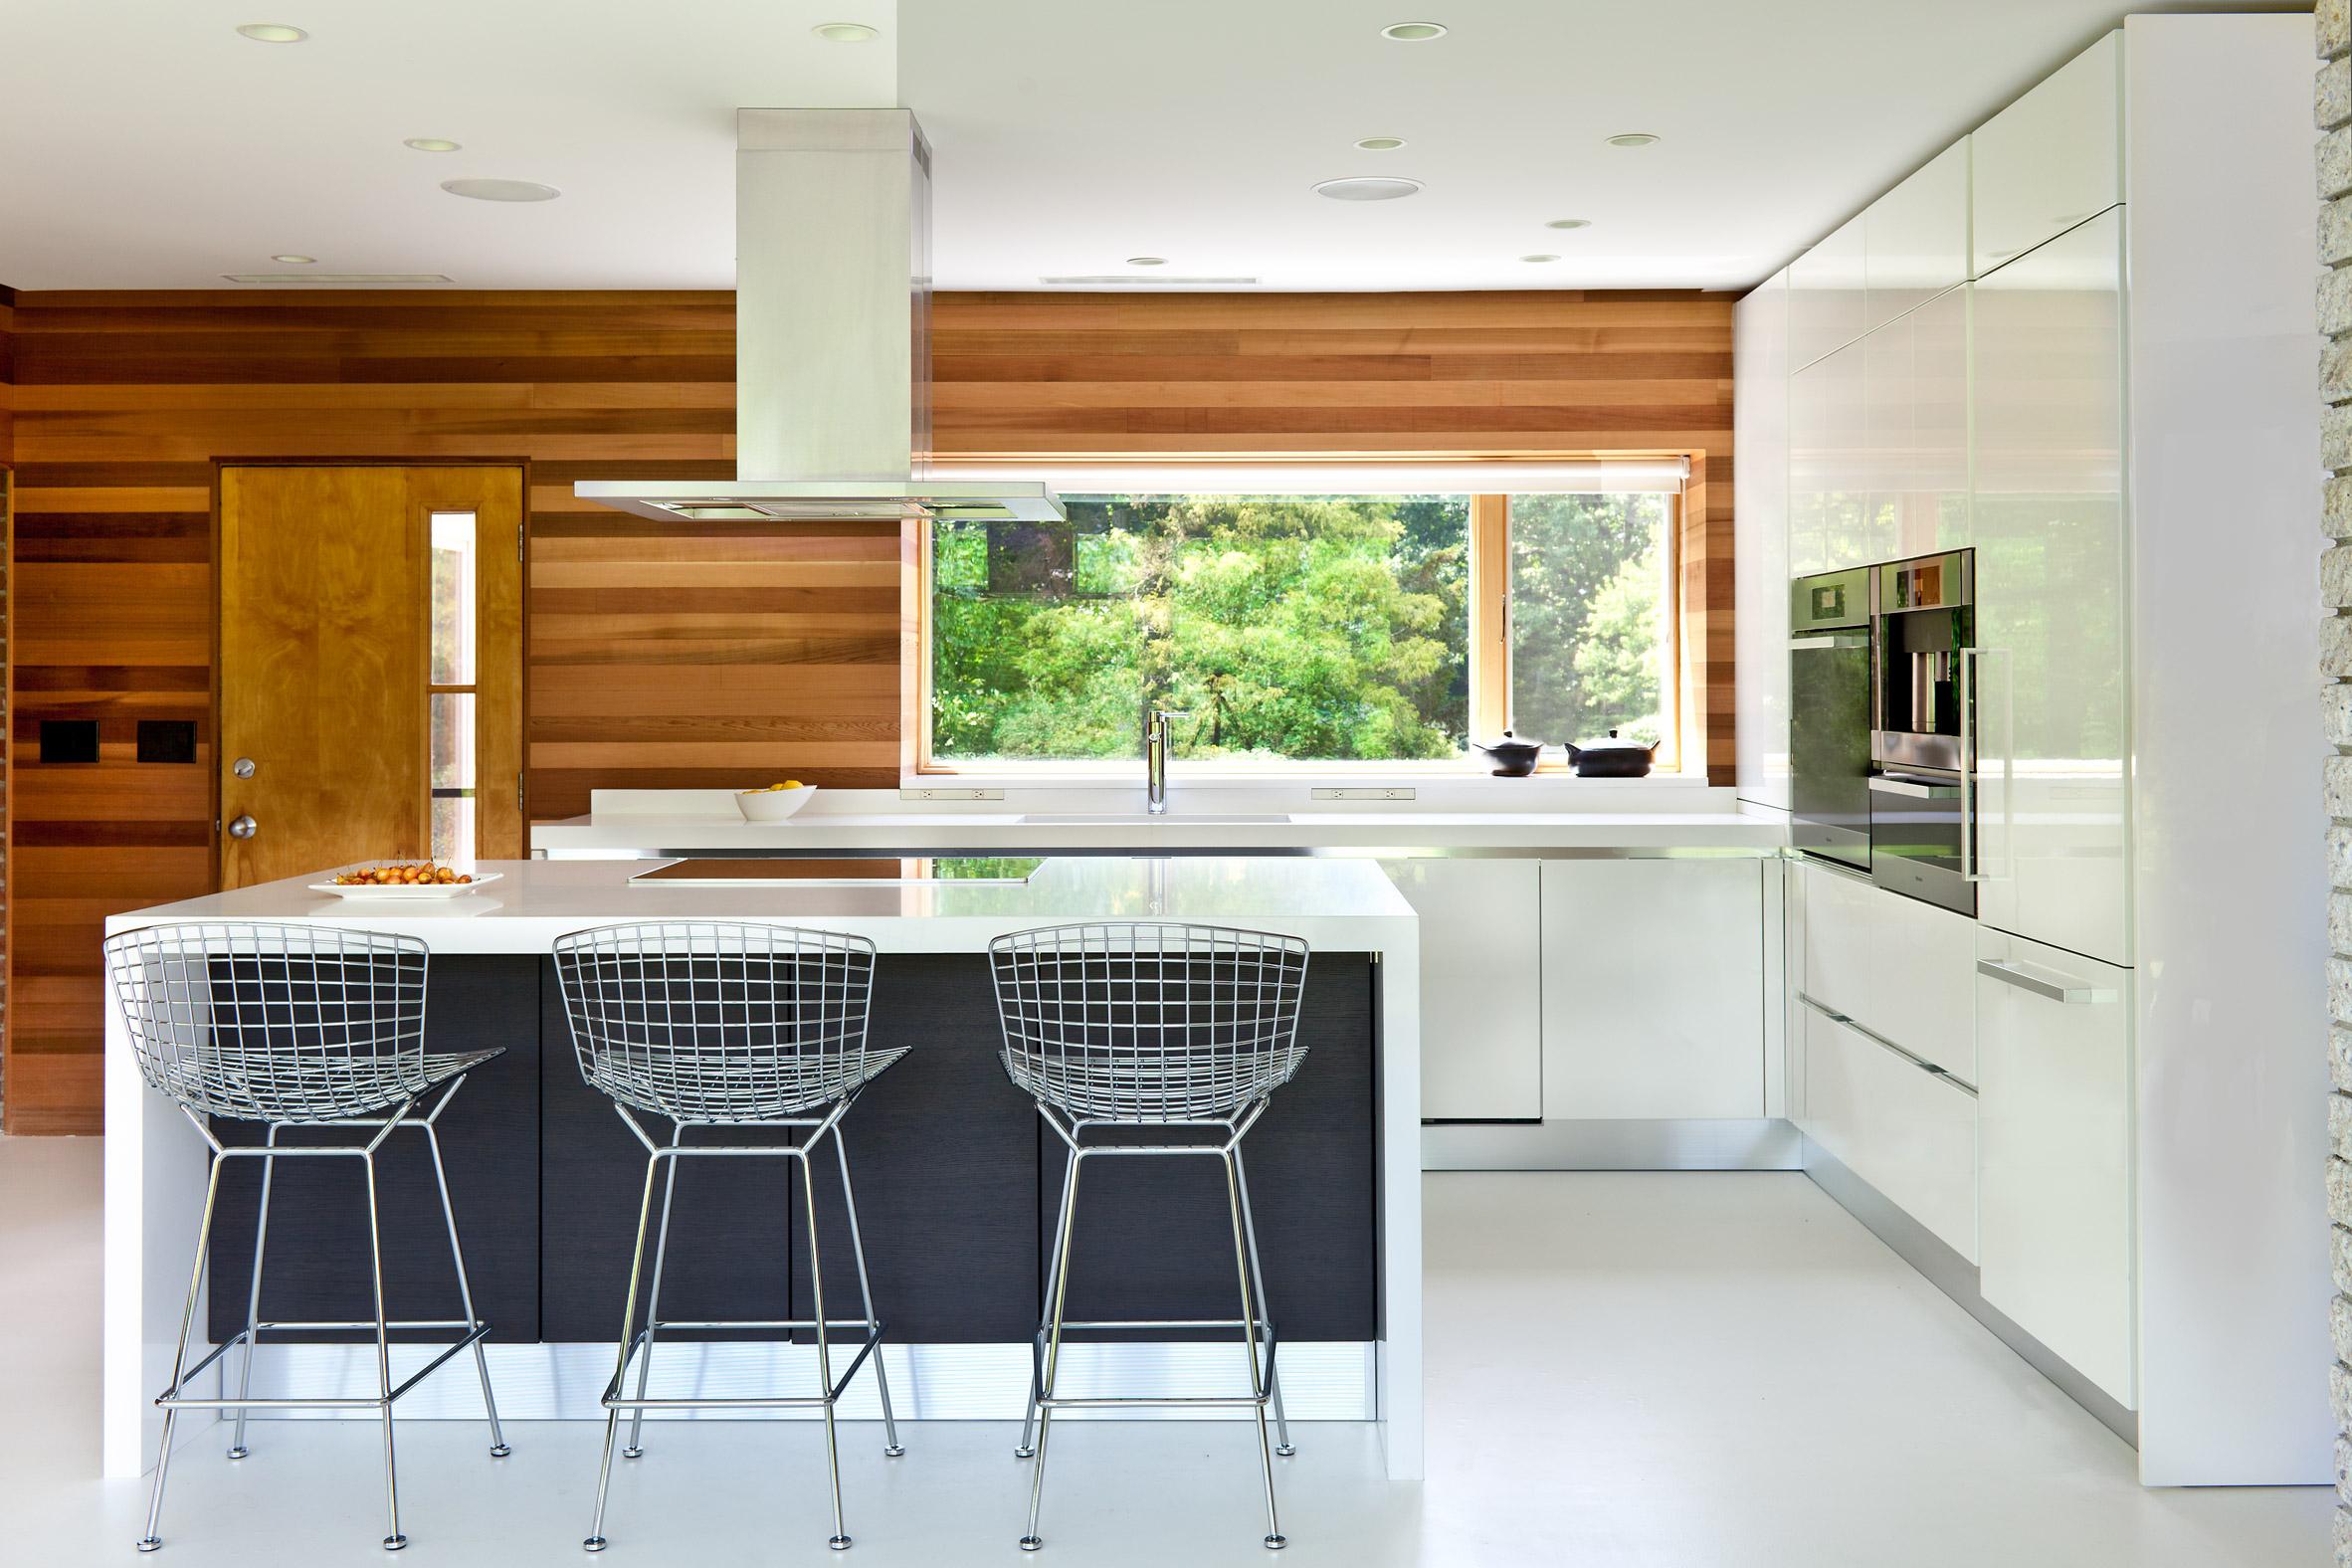 Hillcrest House by Jeff Jordan Architects